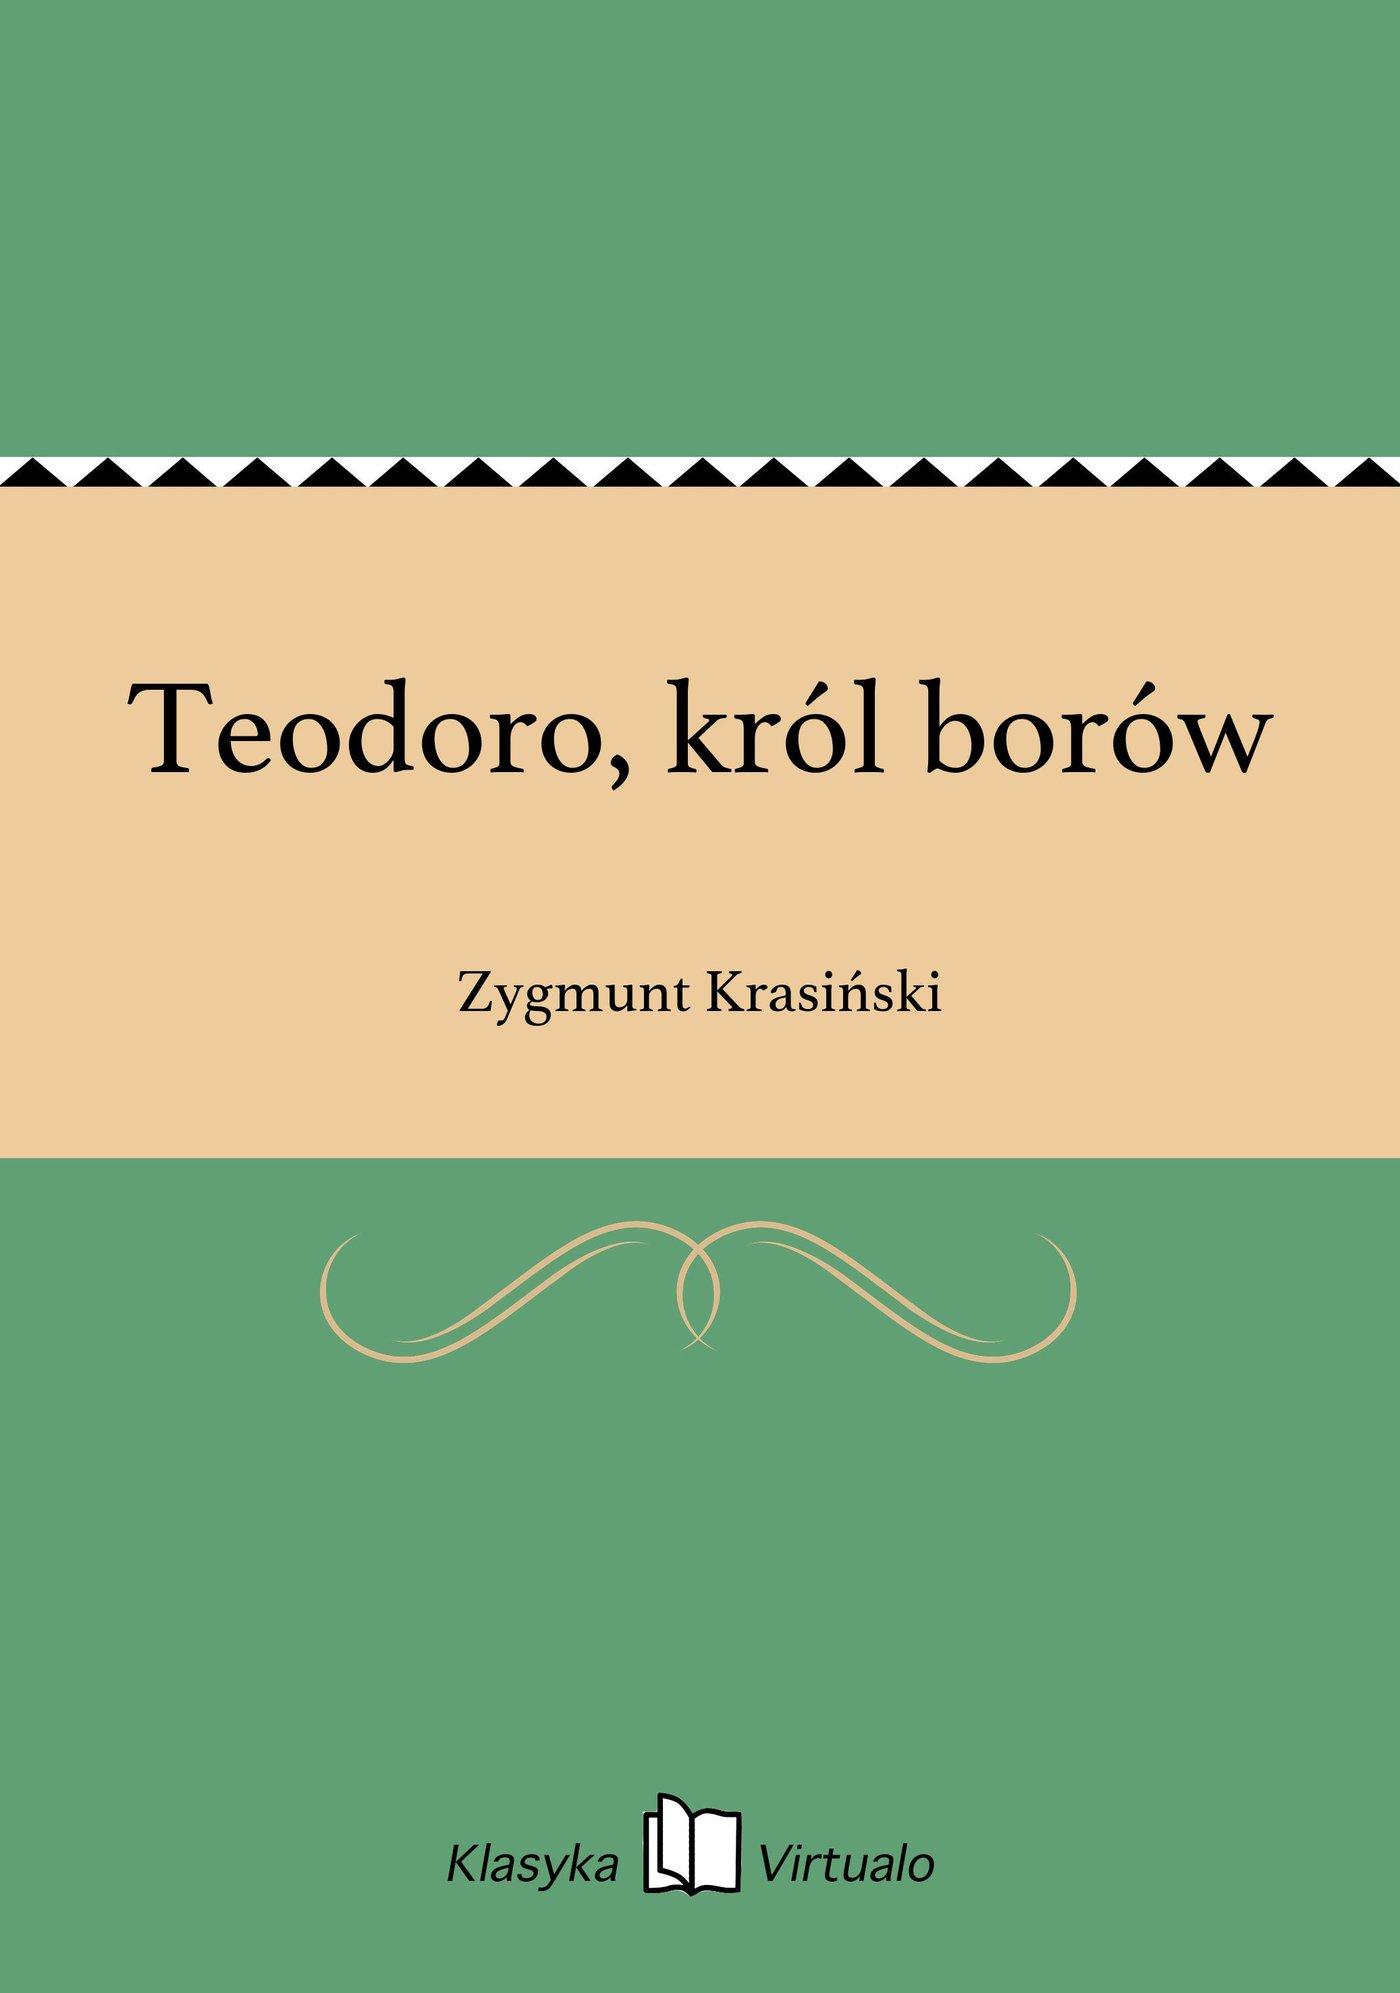 Teodoro, król borów - Ebook (Książka EPUB) do pobrania w formacie EPUB